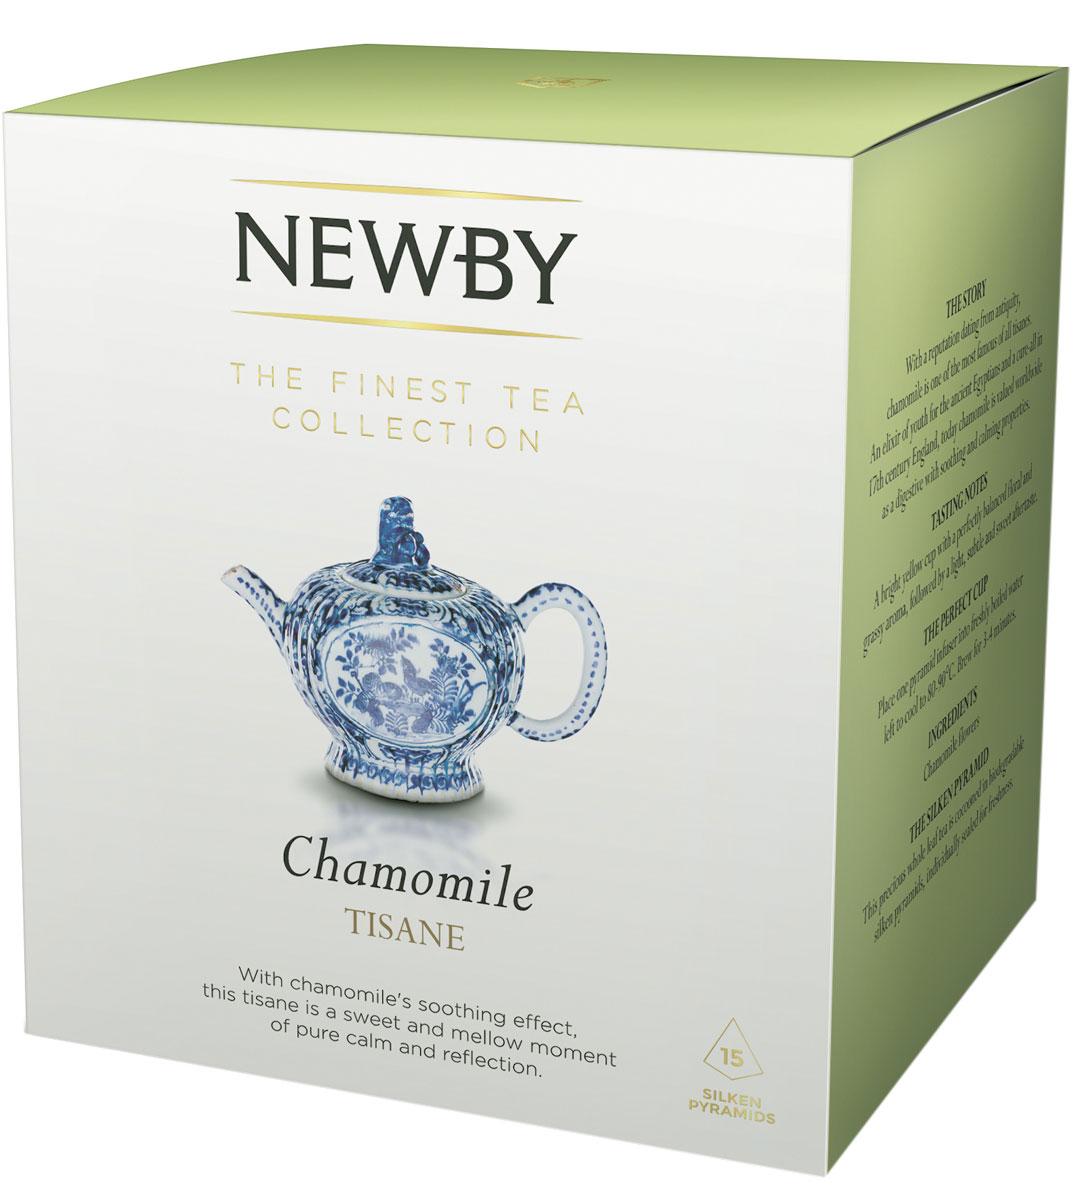 Newby Chamomile травяной чай в пирамидках, 15 шт600150ANewby Chamomile - успокаивающий травяной чай из цельных цветов ромашки. Настой с ароматом луга и послевкусием сушеных яблок. Каждая пирамидка упакована в индивидуальное саше из алюминиевой фольги для сохранения свежести чайного листа.